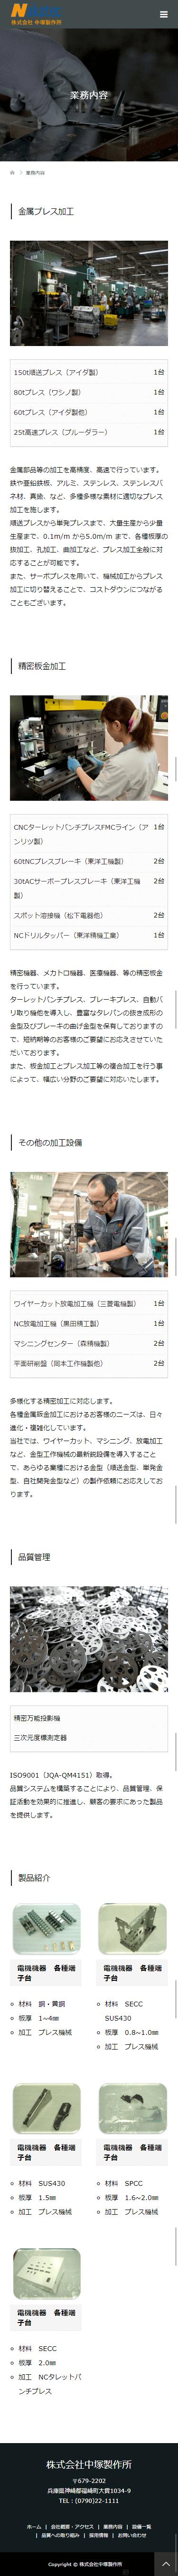 神崎郡福崎町 株式会社中塚製作所様 ホームページ制作4